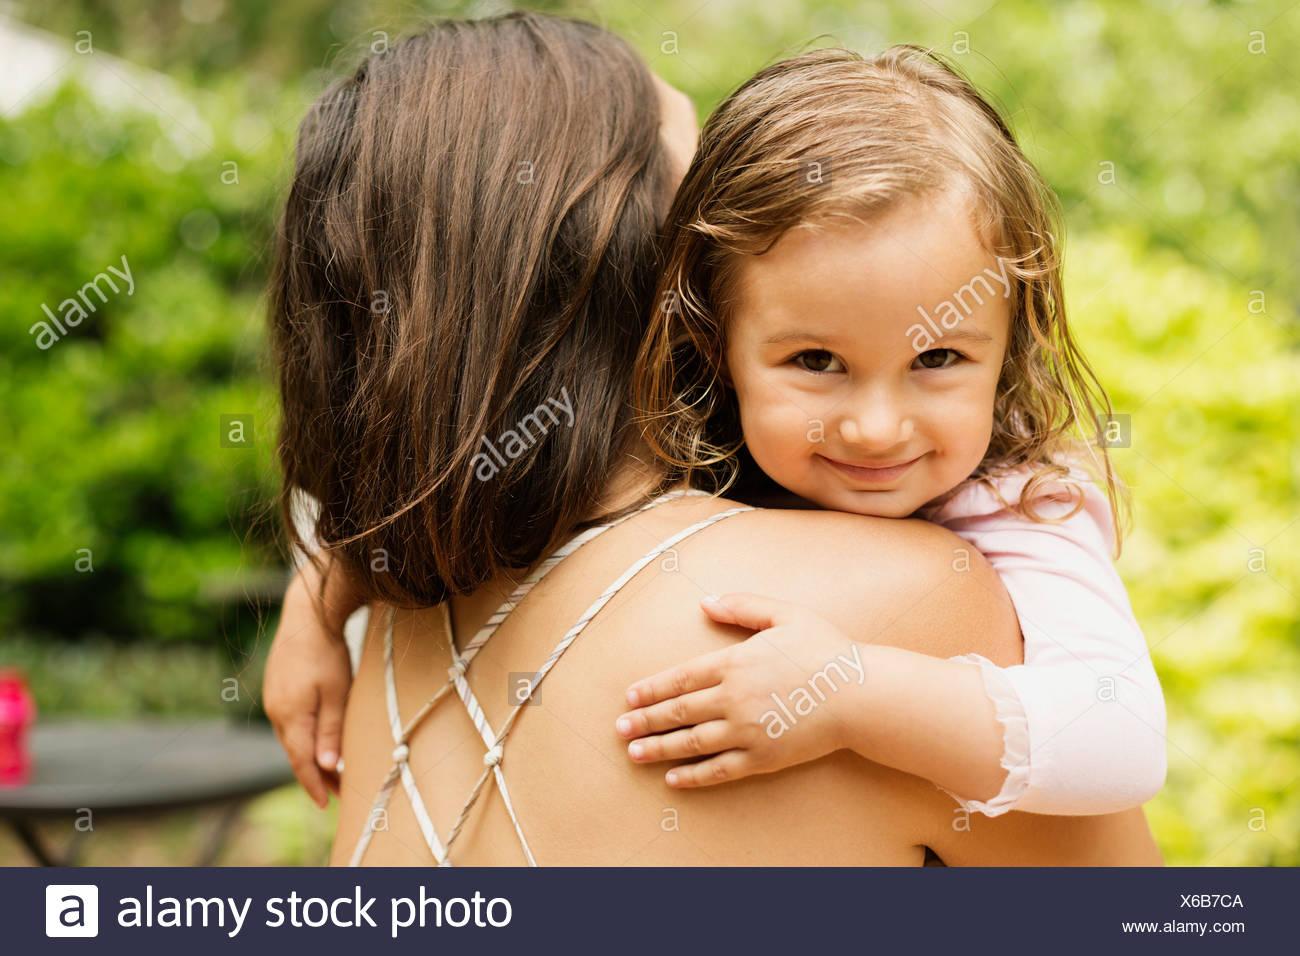 Ritratto di donna bambino portato dalla madre in giardino Immagini Stock